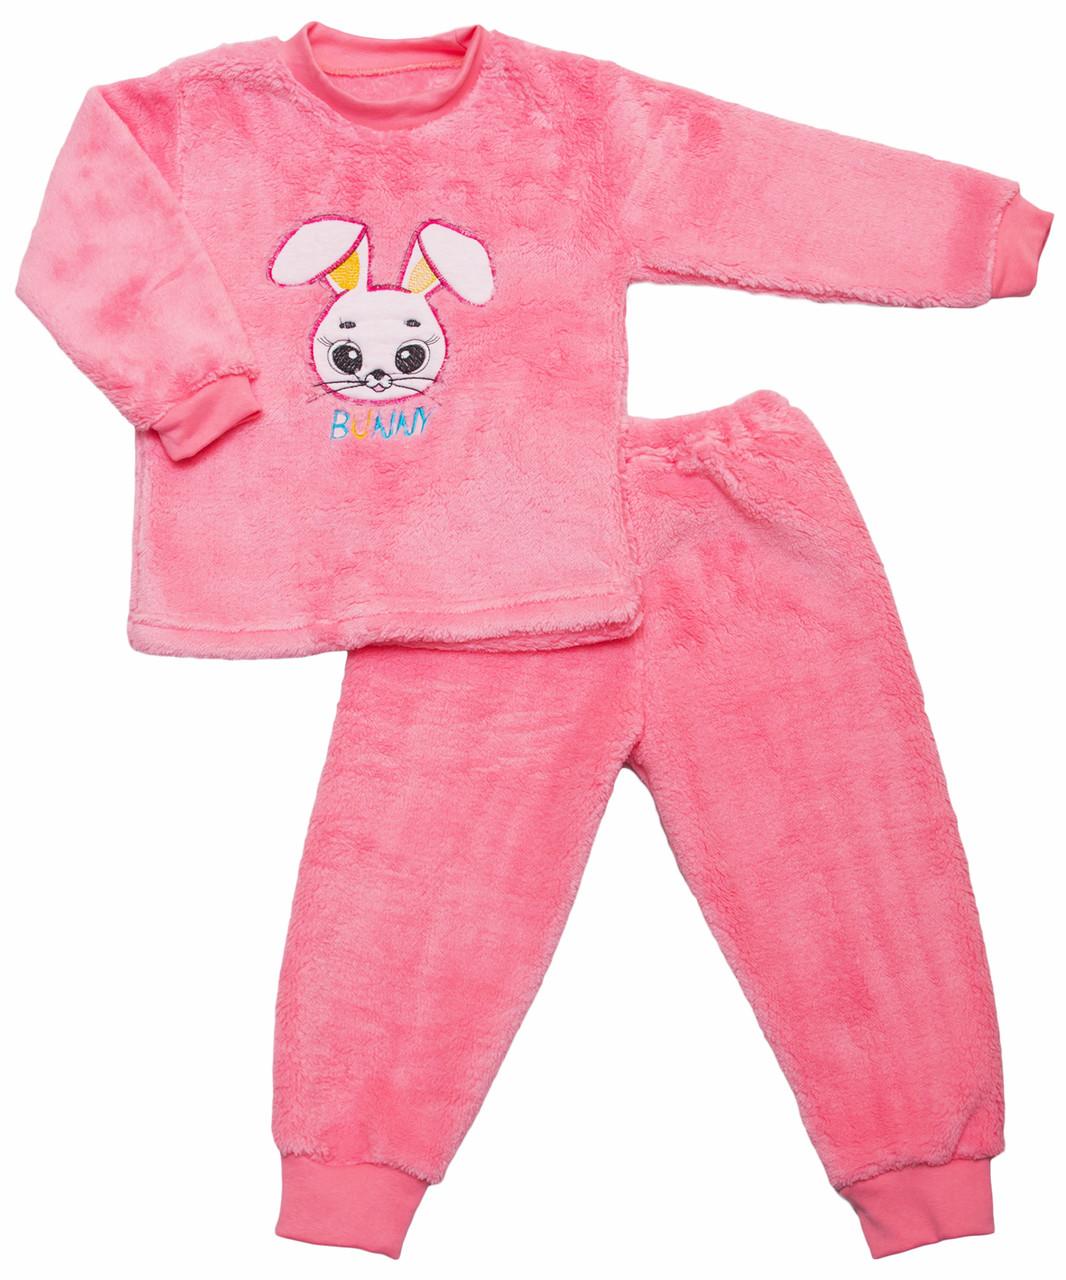 Пижама детская махровая для мальчиков и девочек - Интернет-магазин